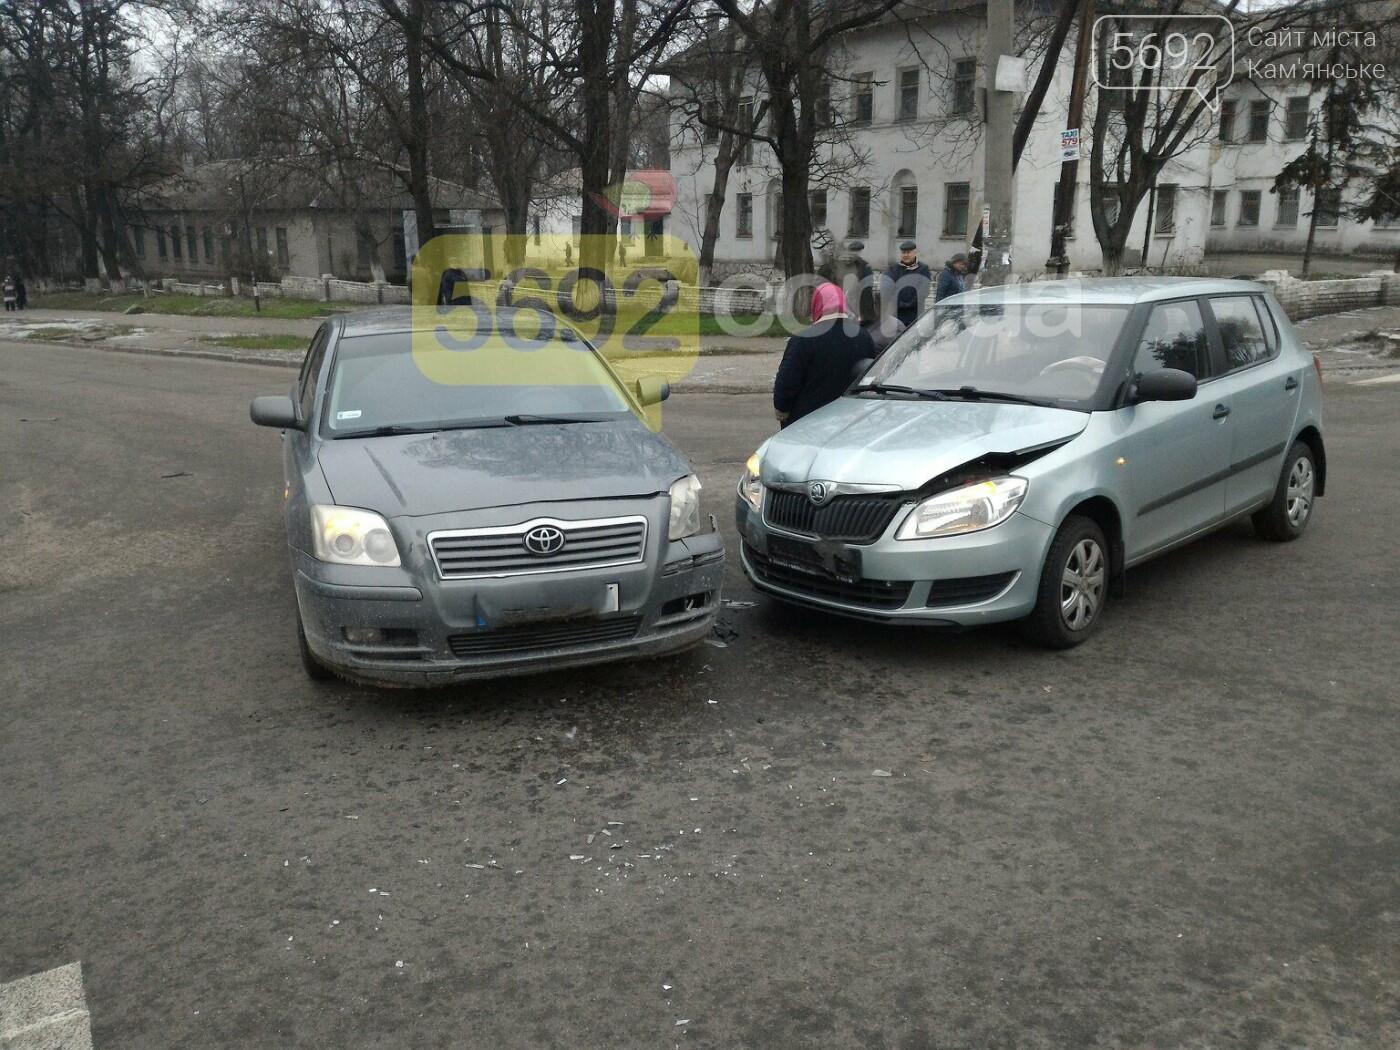 В Каменском на перекрестке столкнулись Toyota и Skoda, фото-1